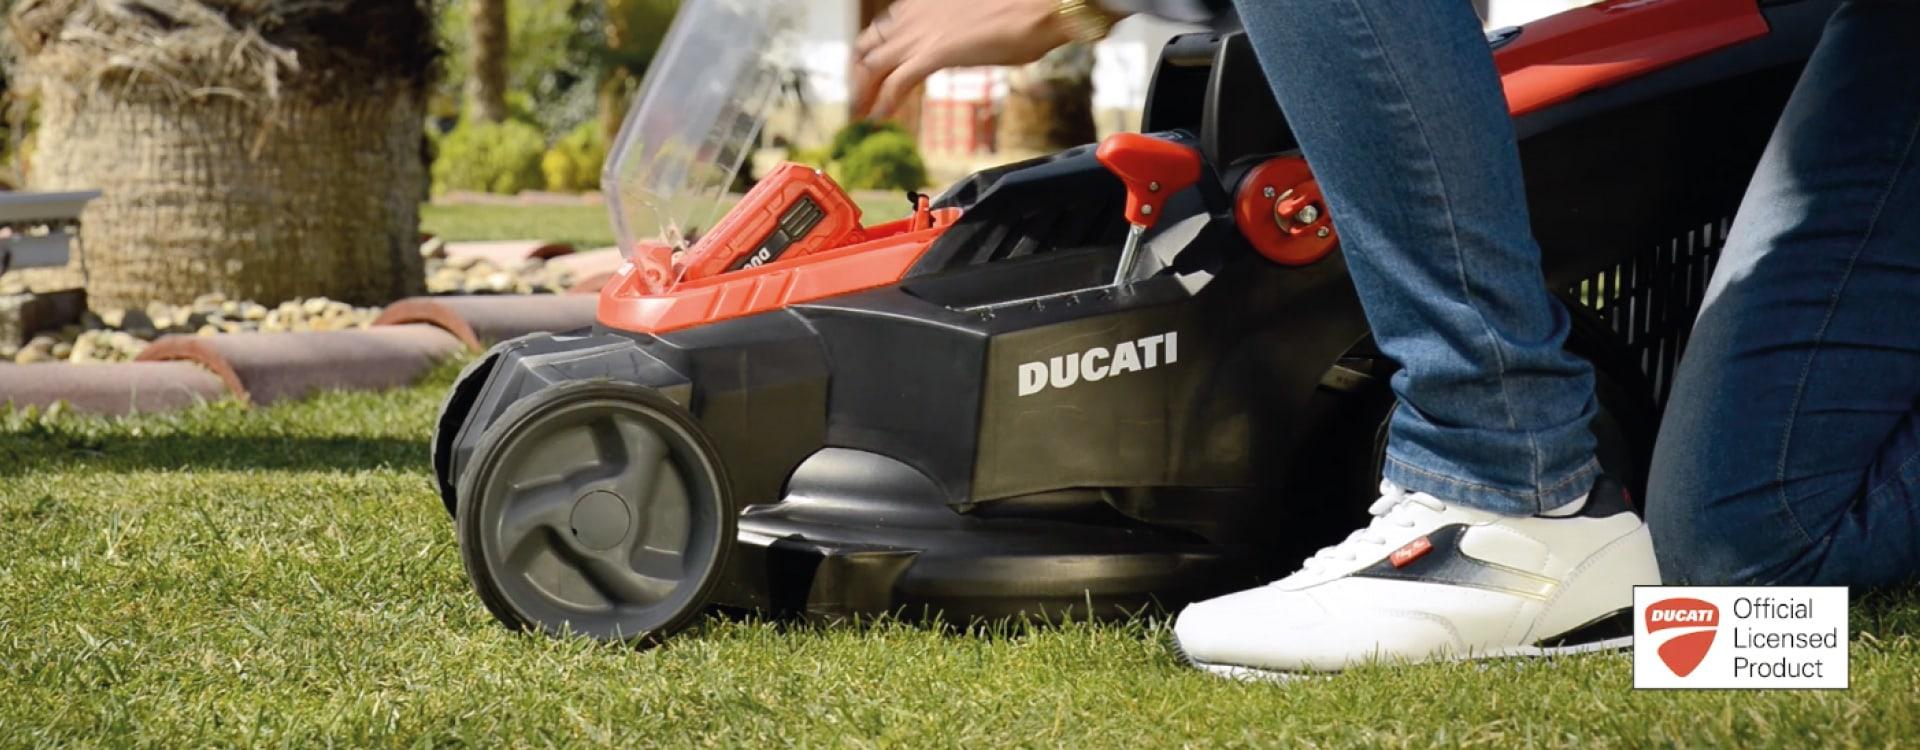 Customización maquinaria gama Ducati Garden. Grupo Miralbueno